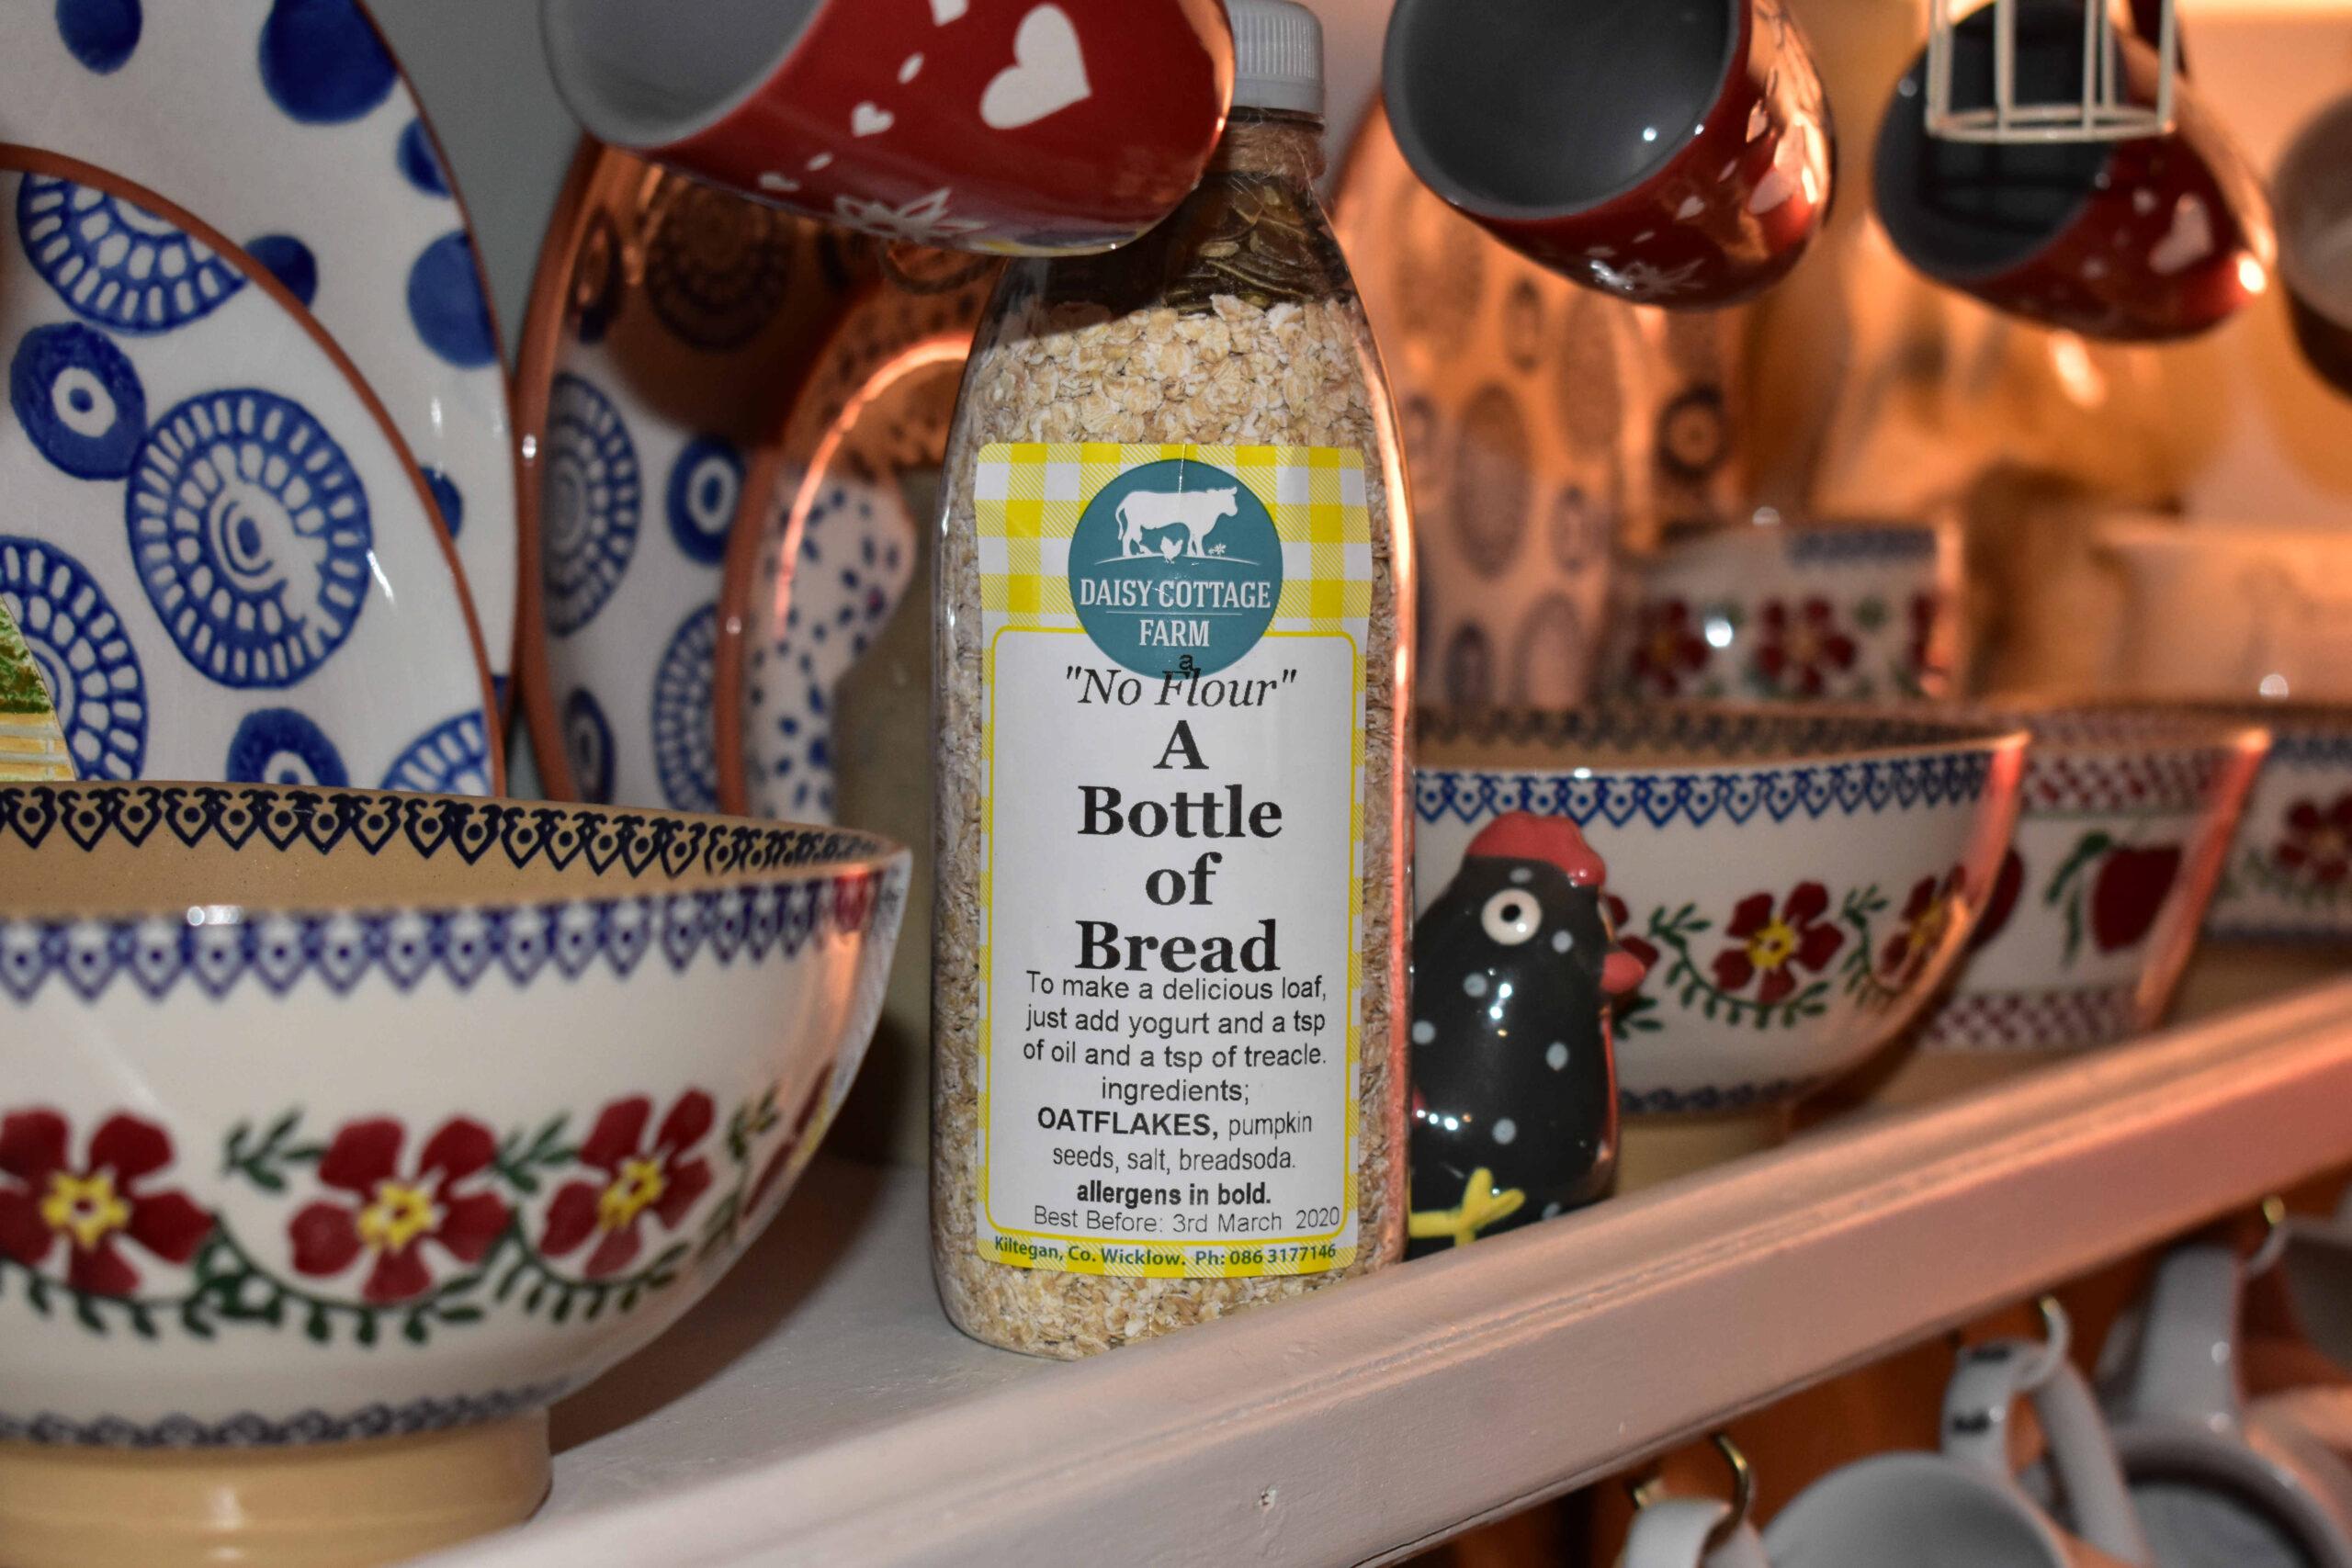 A Bottle of Bread